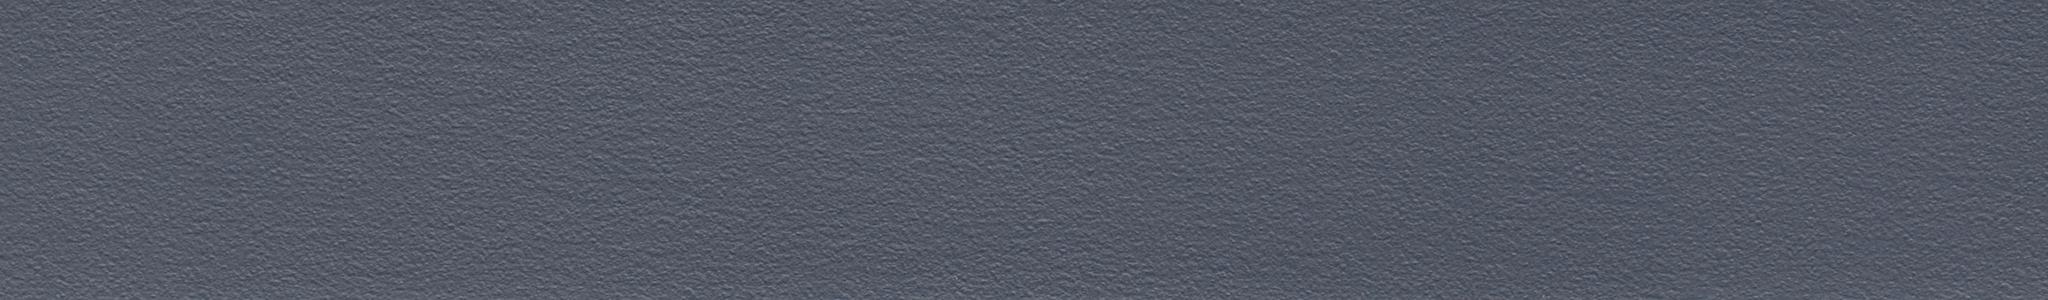 HU 156718 ABS Edge Blue Soft Pearl 107